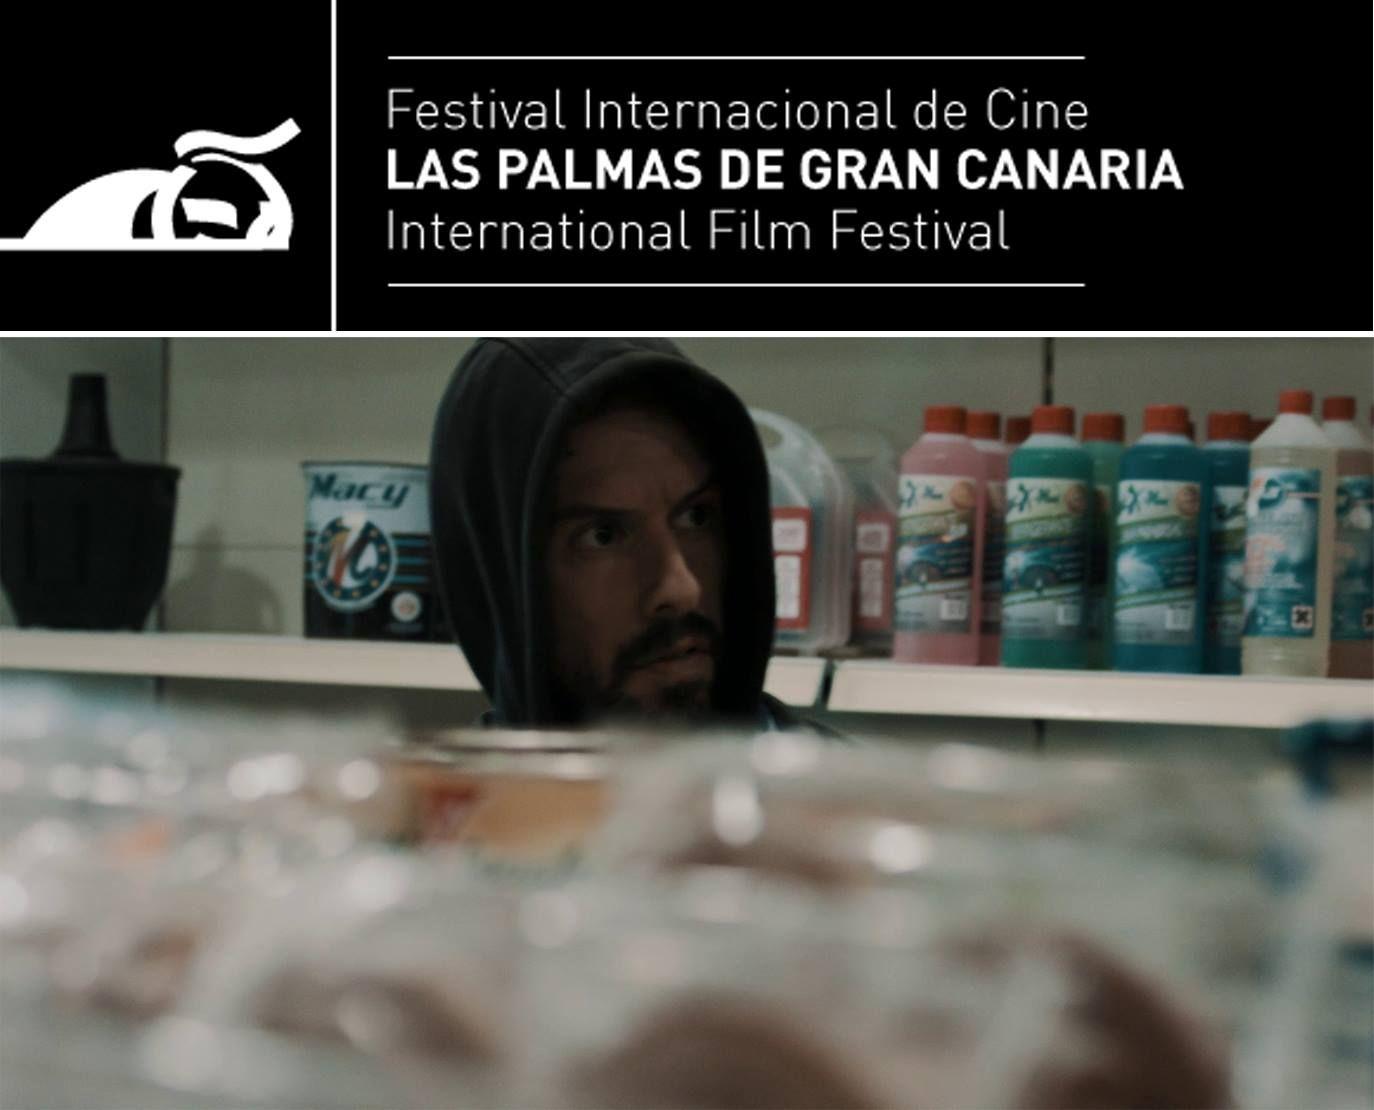 GOLOSINAS de Iván López competirá en la sección canaria de cortometrajes de LPA Film Festival. Del 14 al 21 de marzo.